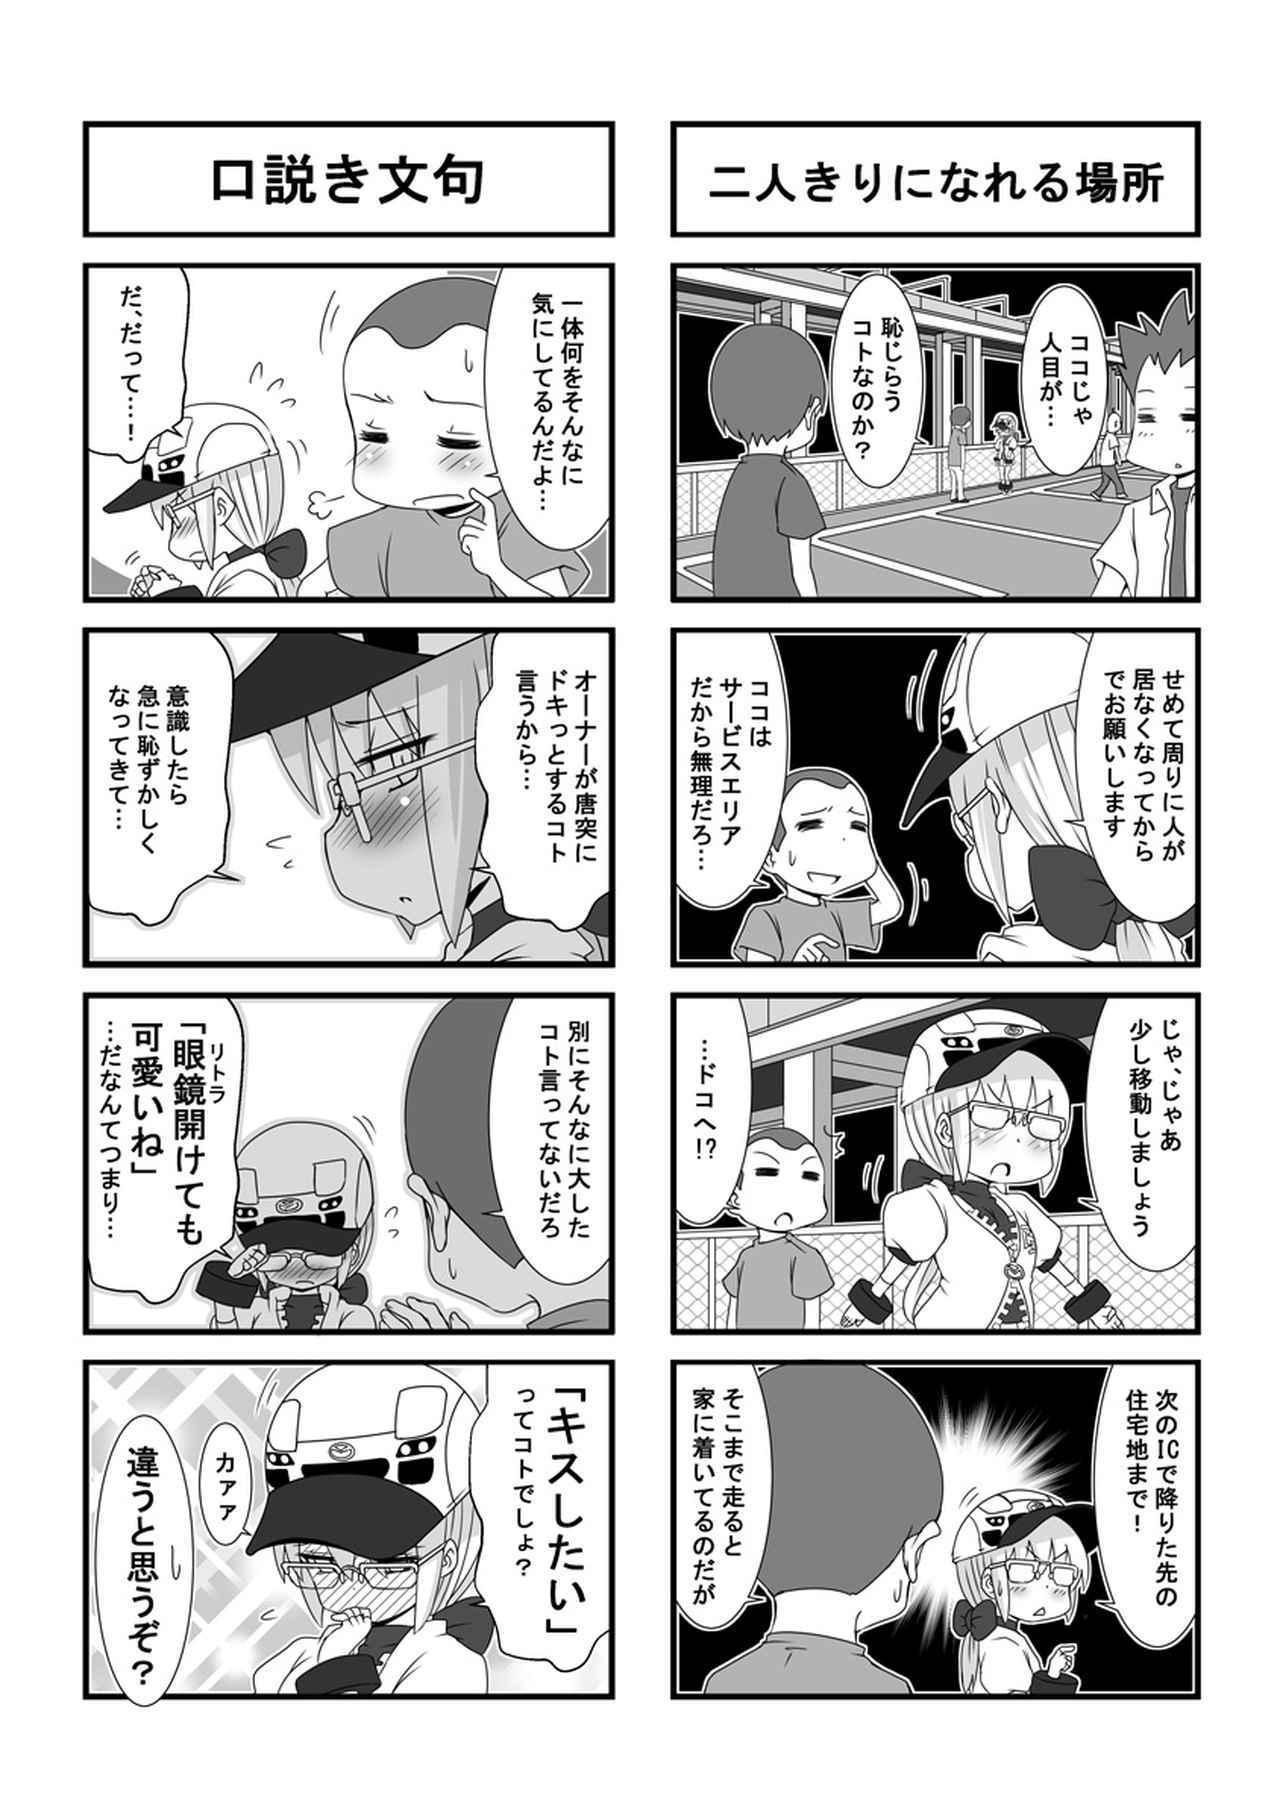 ウチクル!?第37話「マツダ RX-7(FD3S)がこんなに可愛いわけがない!?」クルマ擬人化マンガ